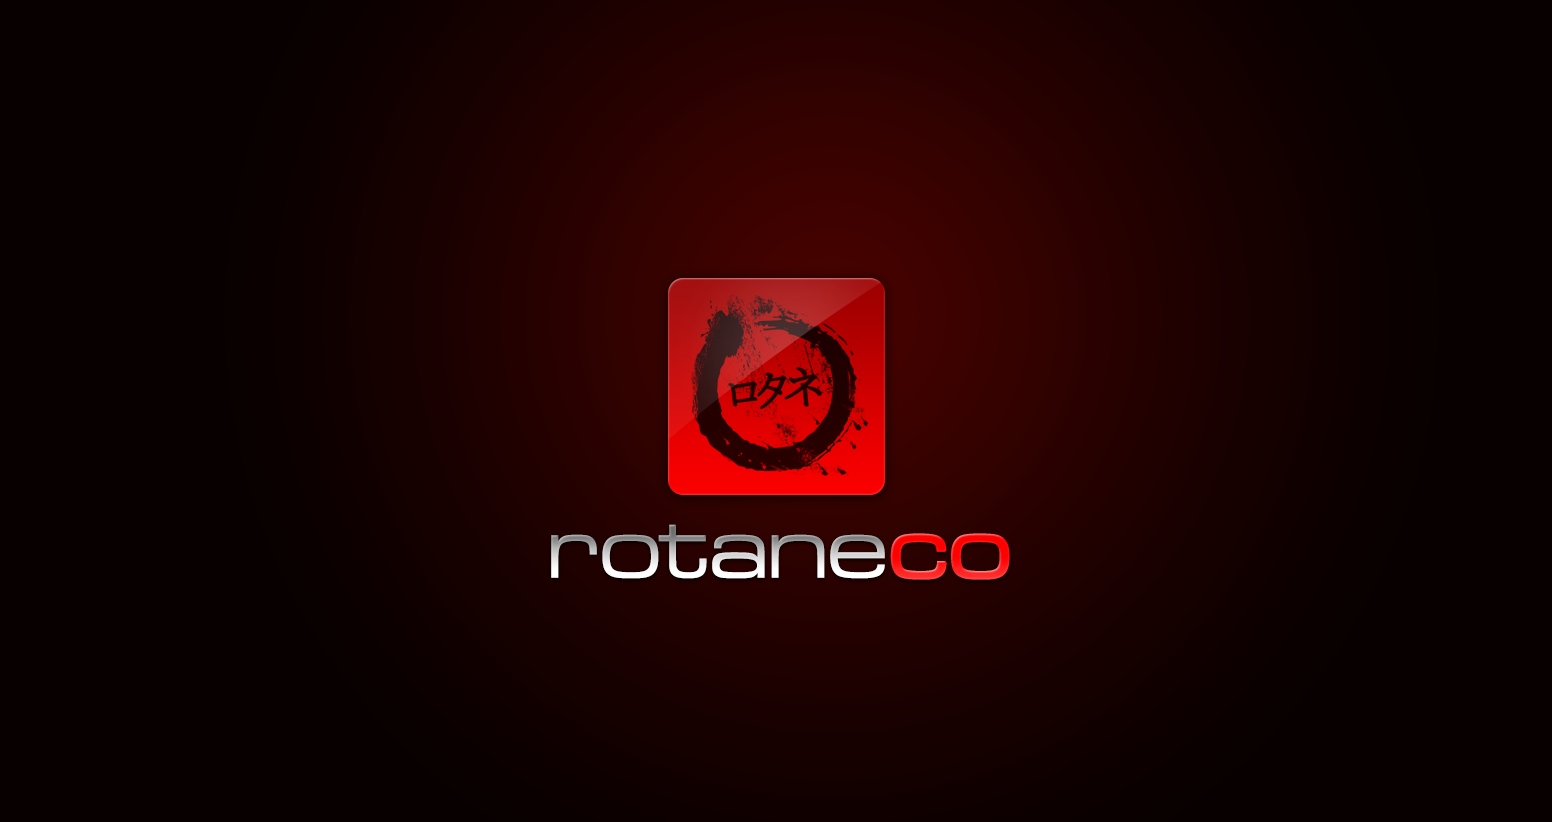 rotaneco logotype test 1